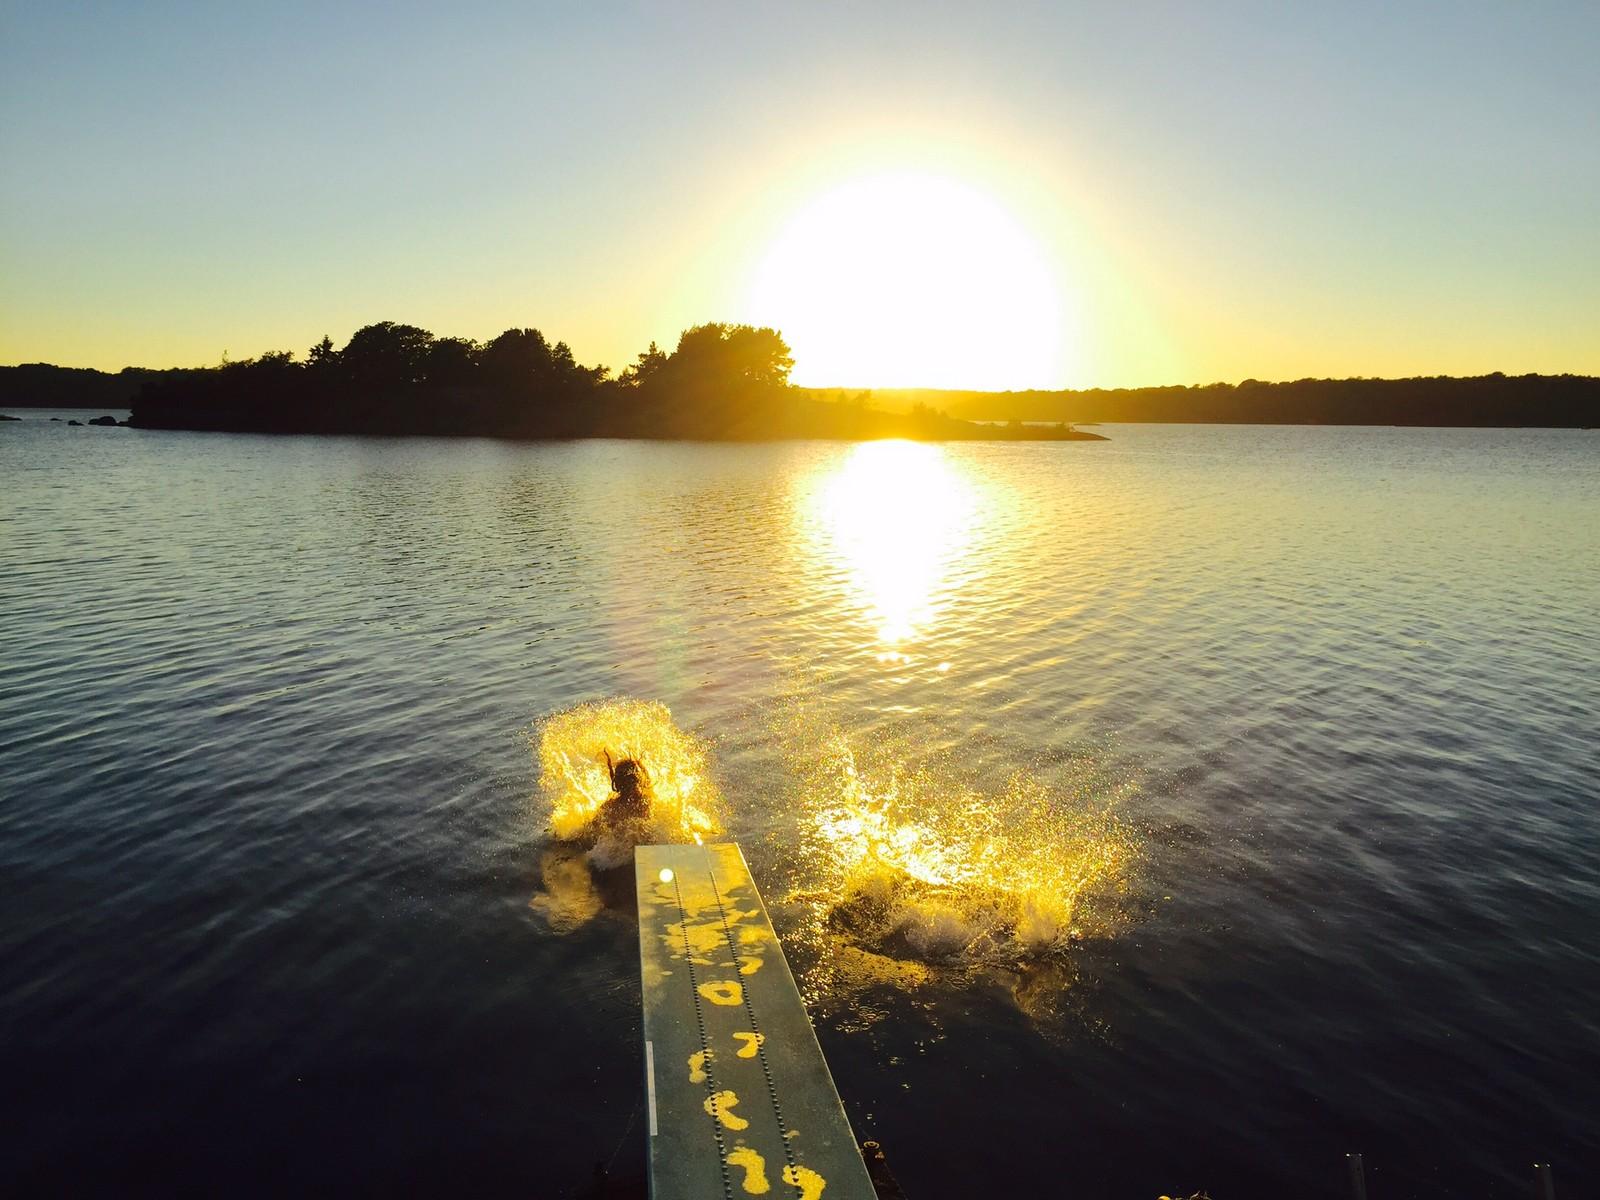 Bidrag 12 – Slutet av augusti, vid båtklubben